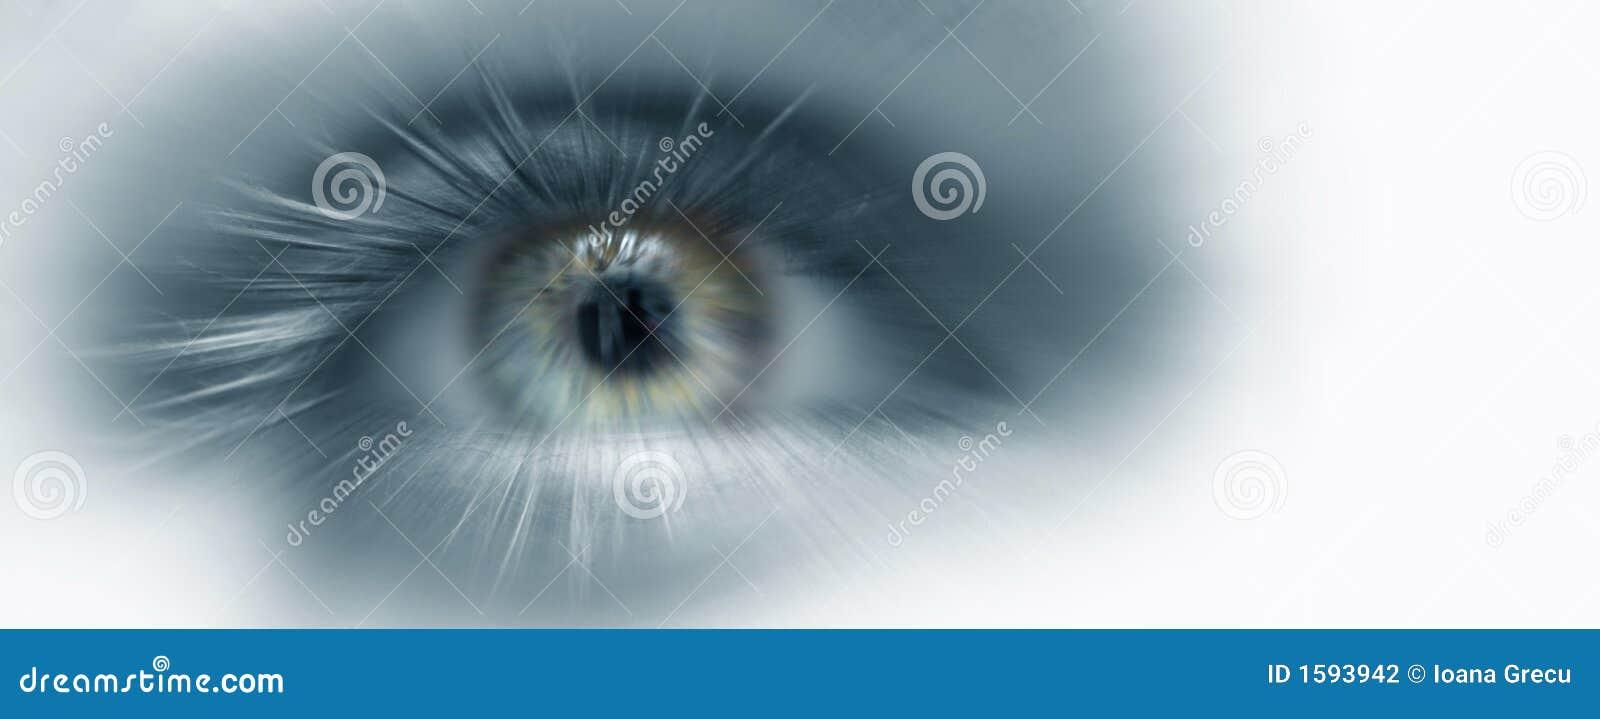 Visão do futuro do olho